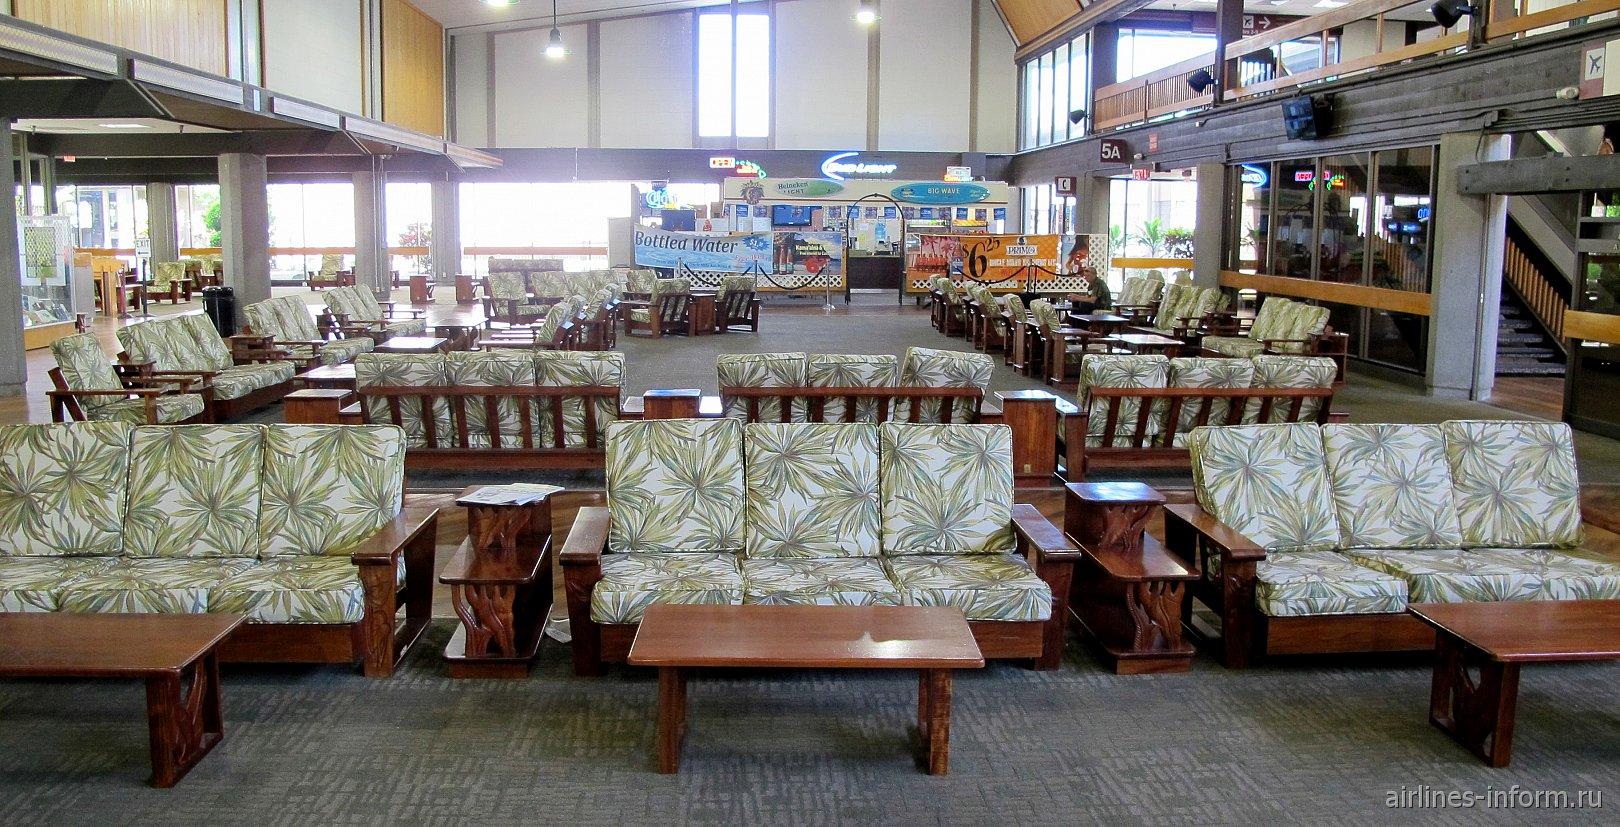 Зал ожидания в чистой зоне аэропорта Хило